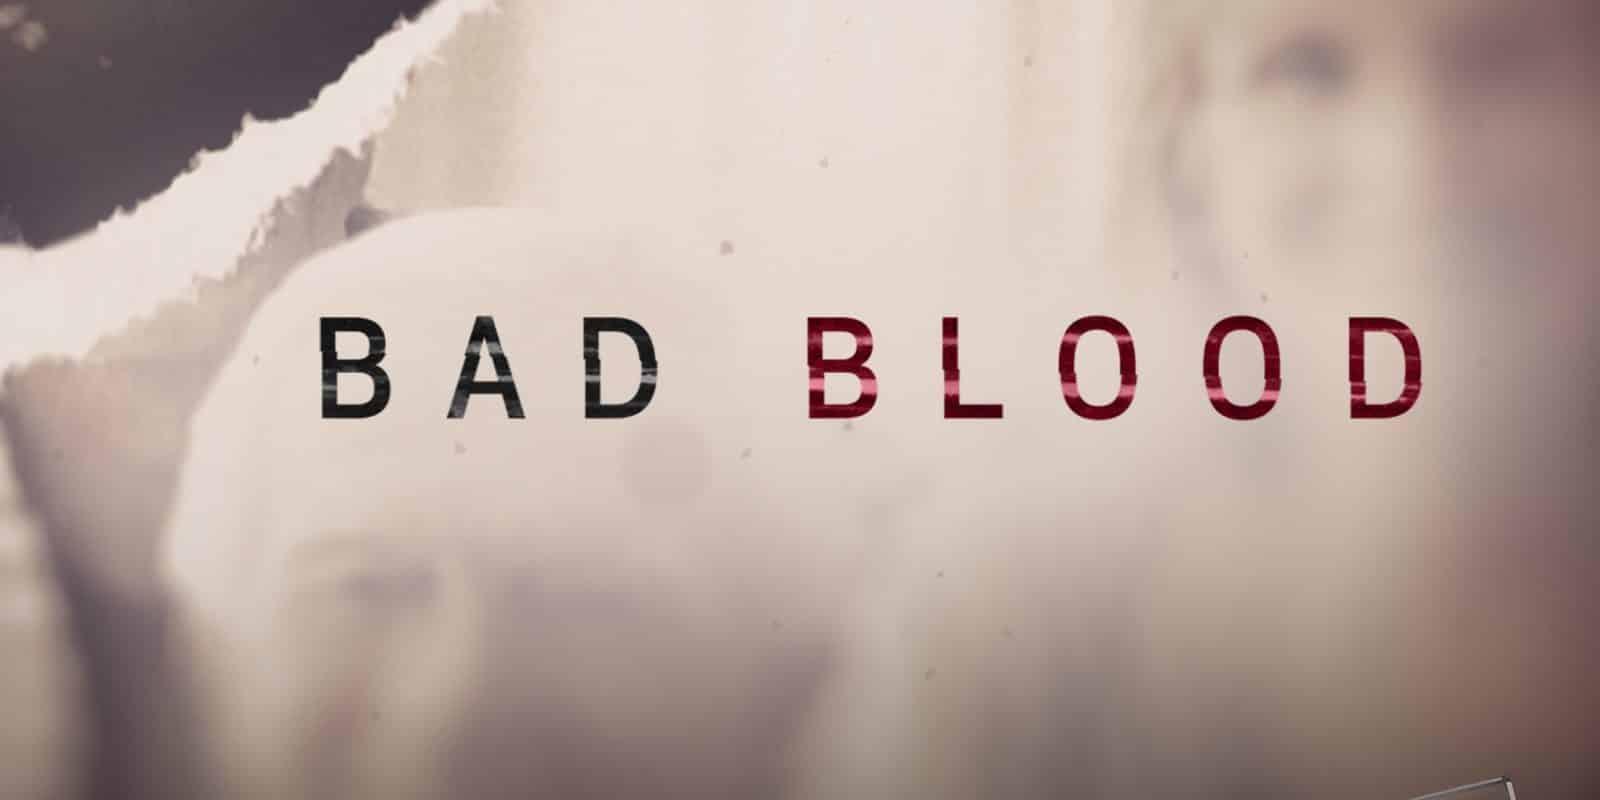 Bad Blood saison 2 obtient une date de sortie officielle et une affiche de Netflix 1